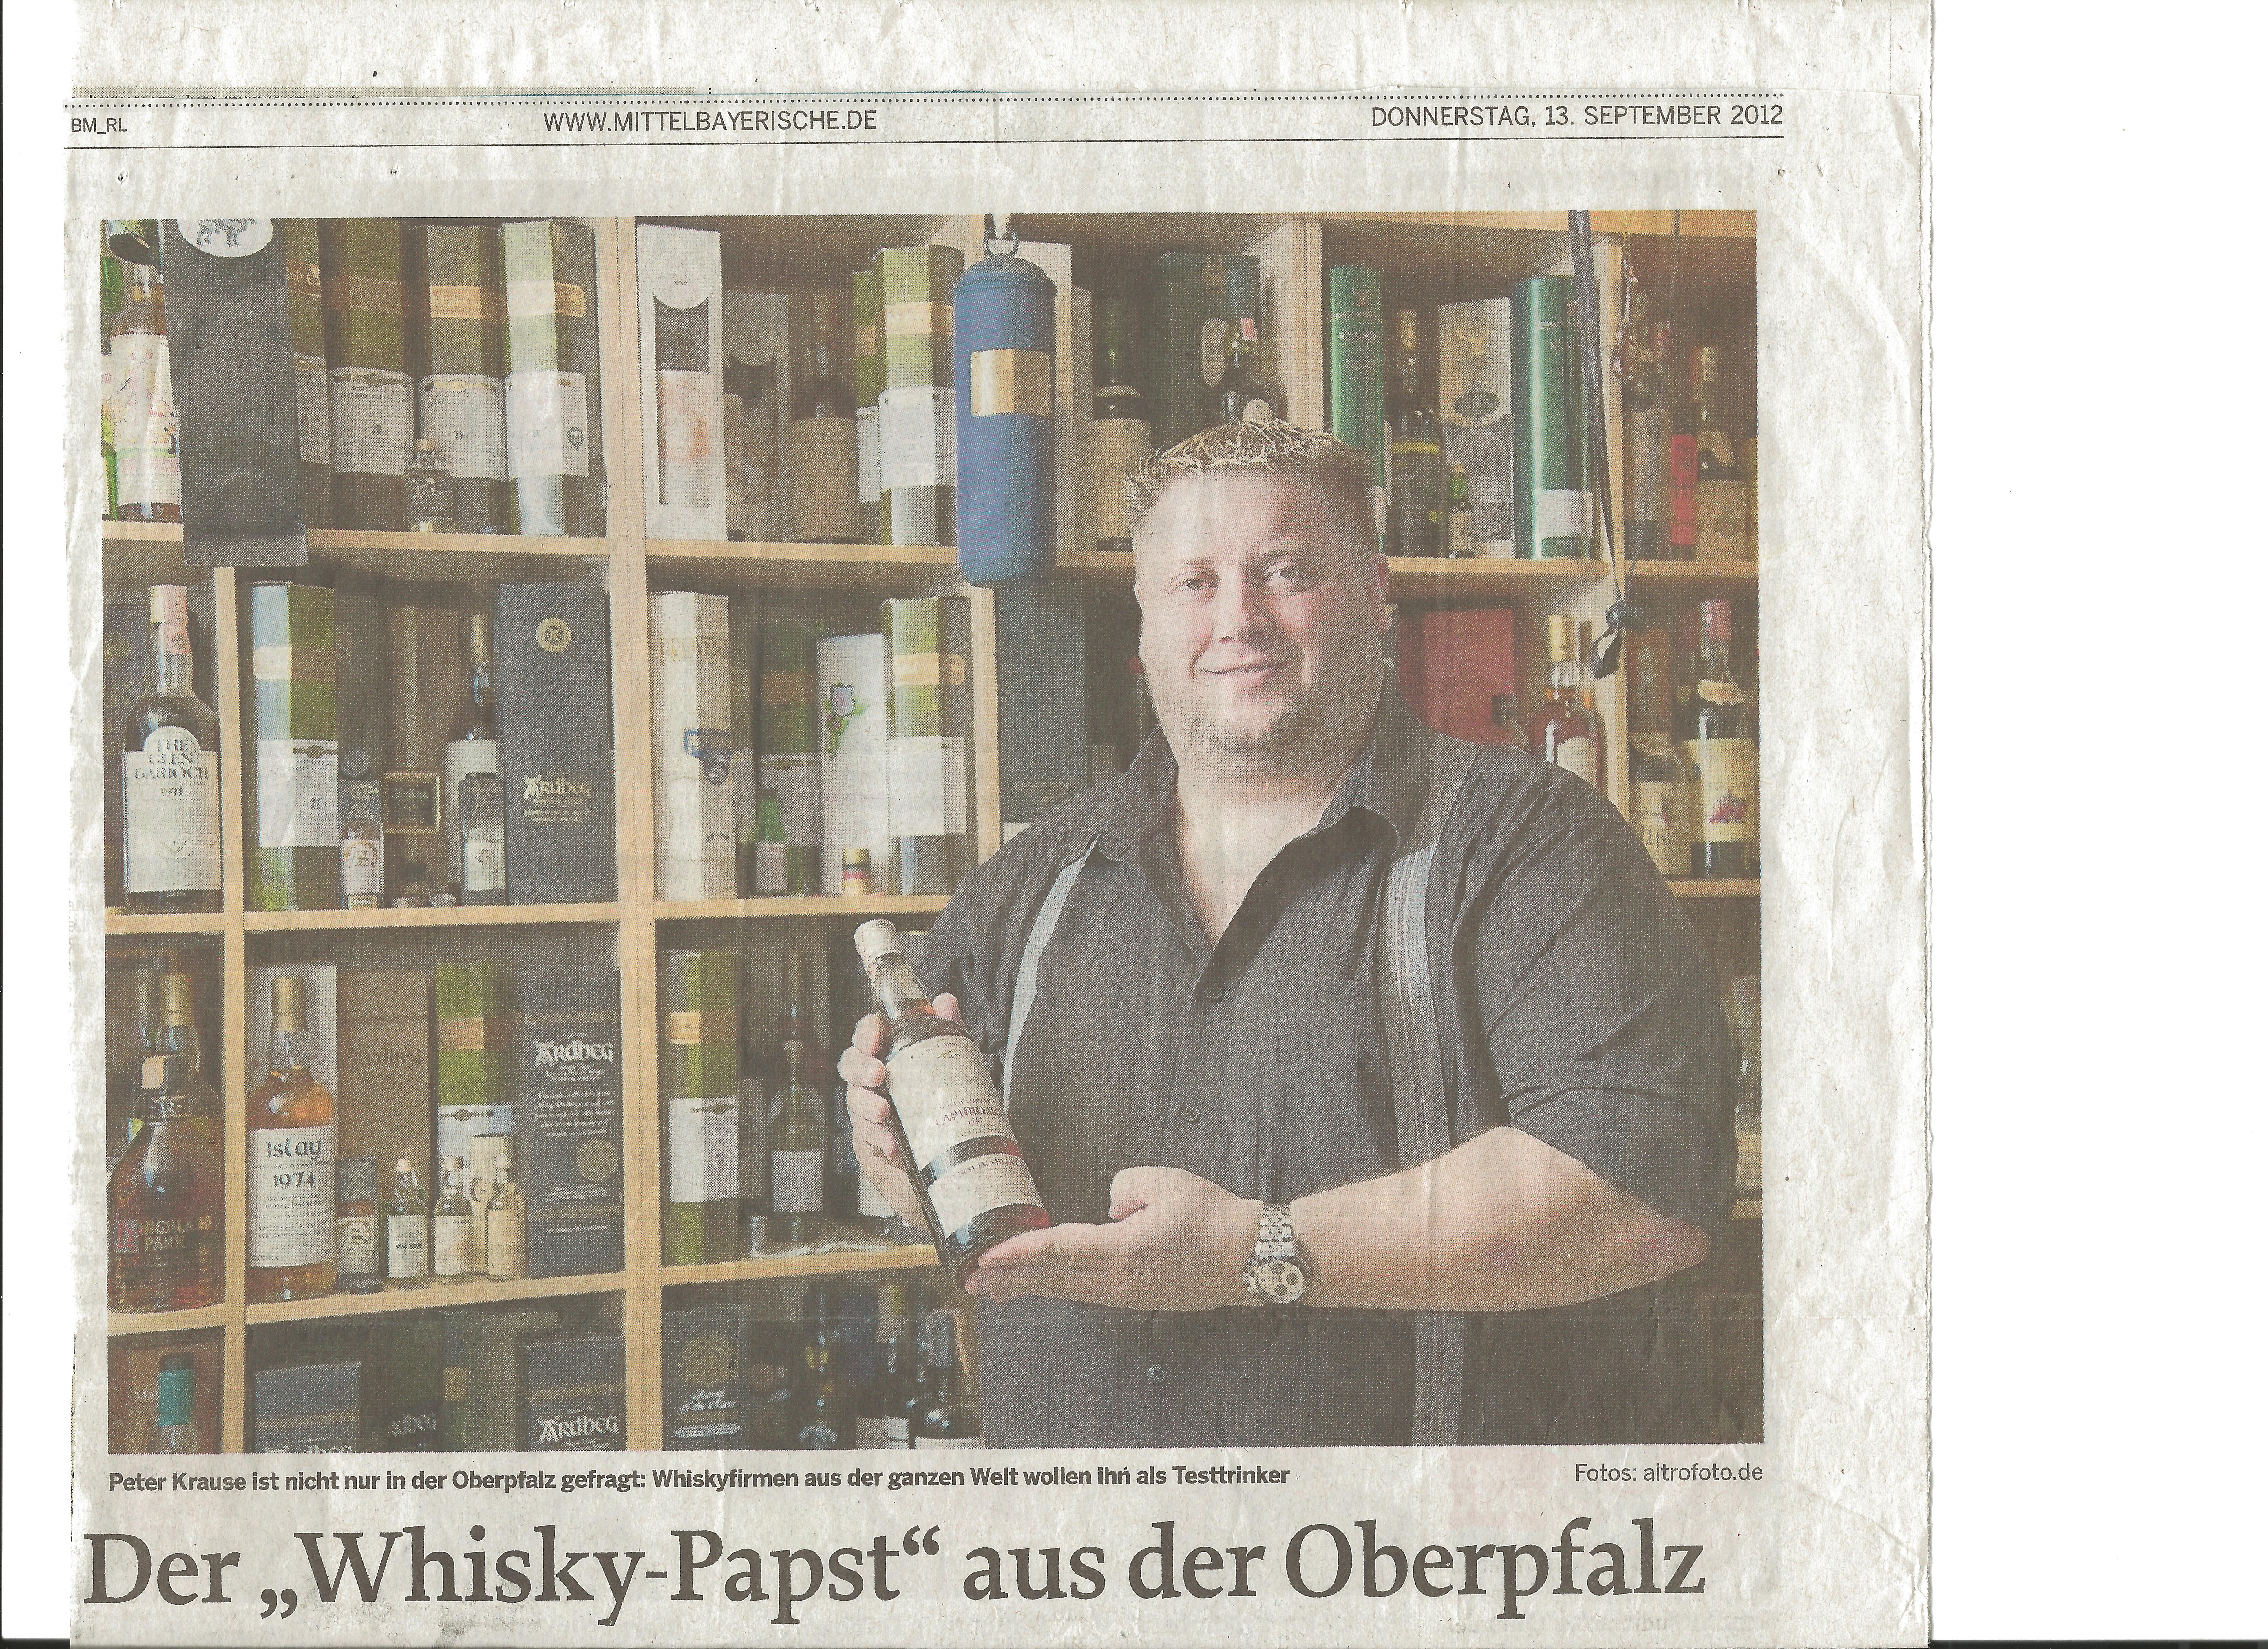 Mittelbayerische Zeitung September 2012 - 1